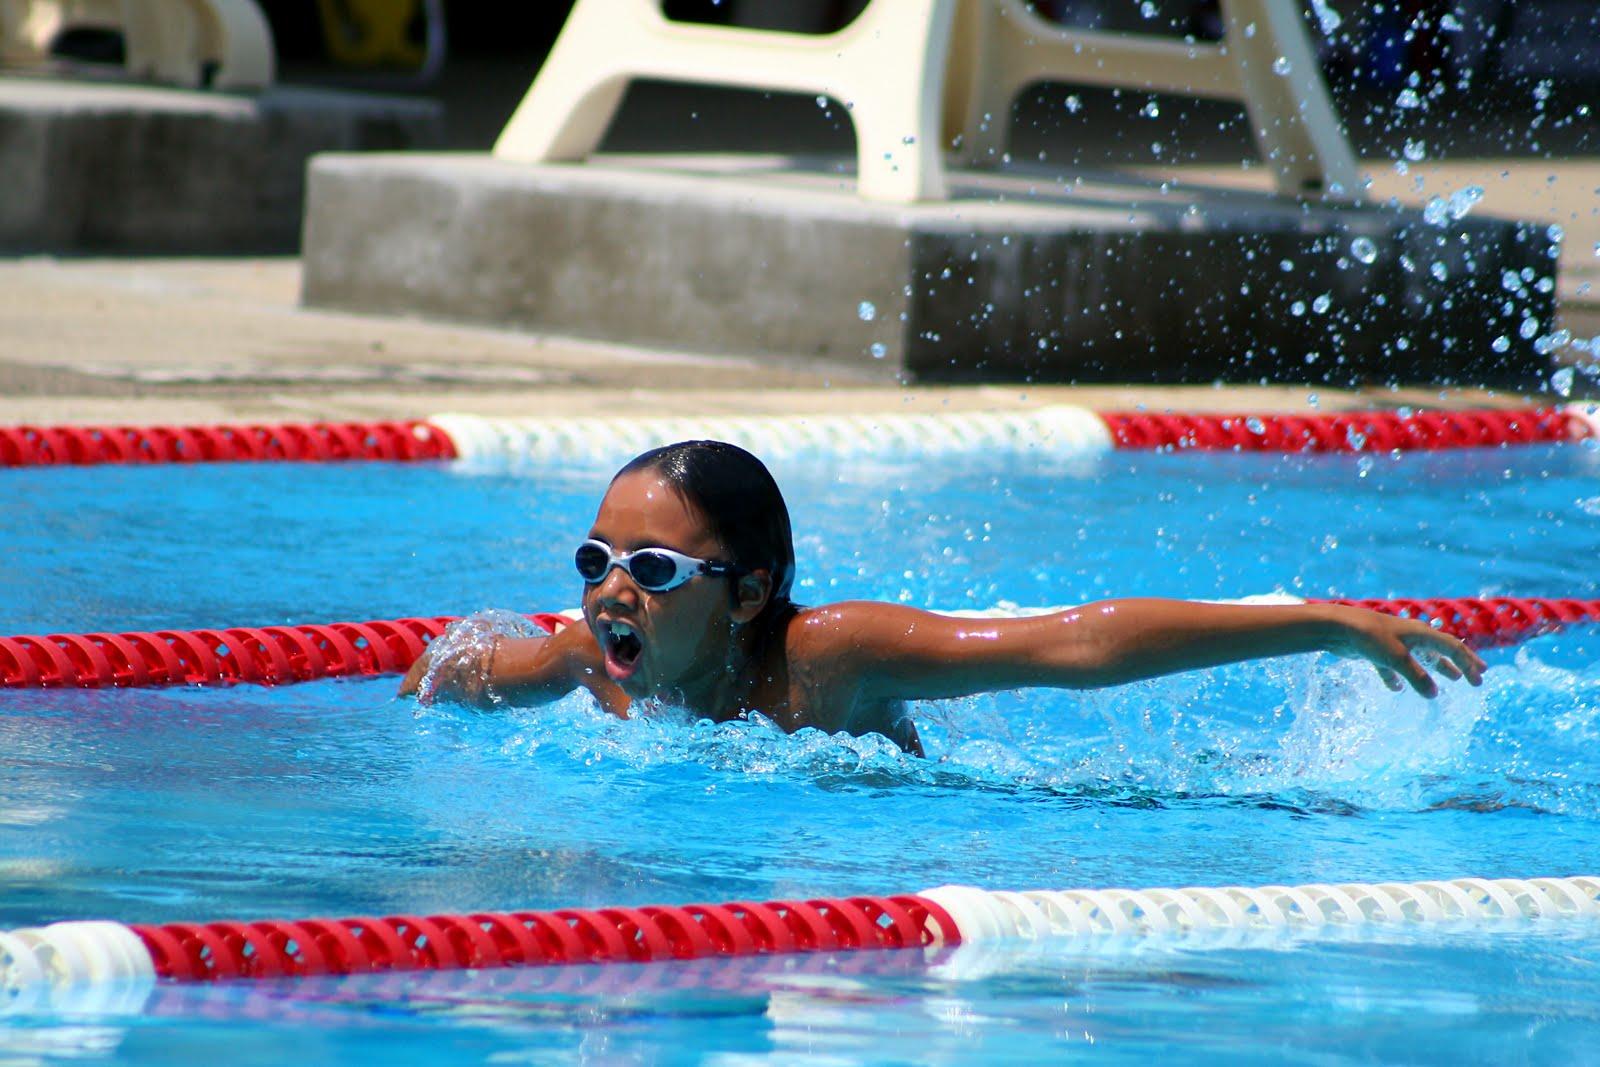 http://4.bp.blogspot.com/-Ou_MLsv7QEI/TkXC1c0z7nI/AAAAAAAAATw/od9OJoSYt8c/s1600/swimmer.jpg